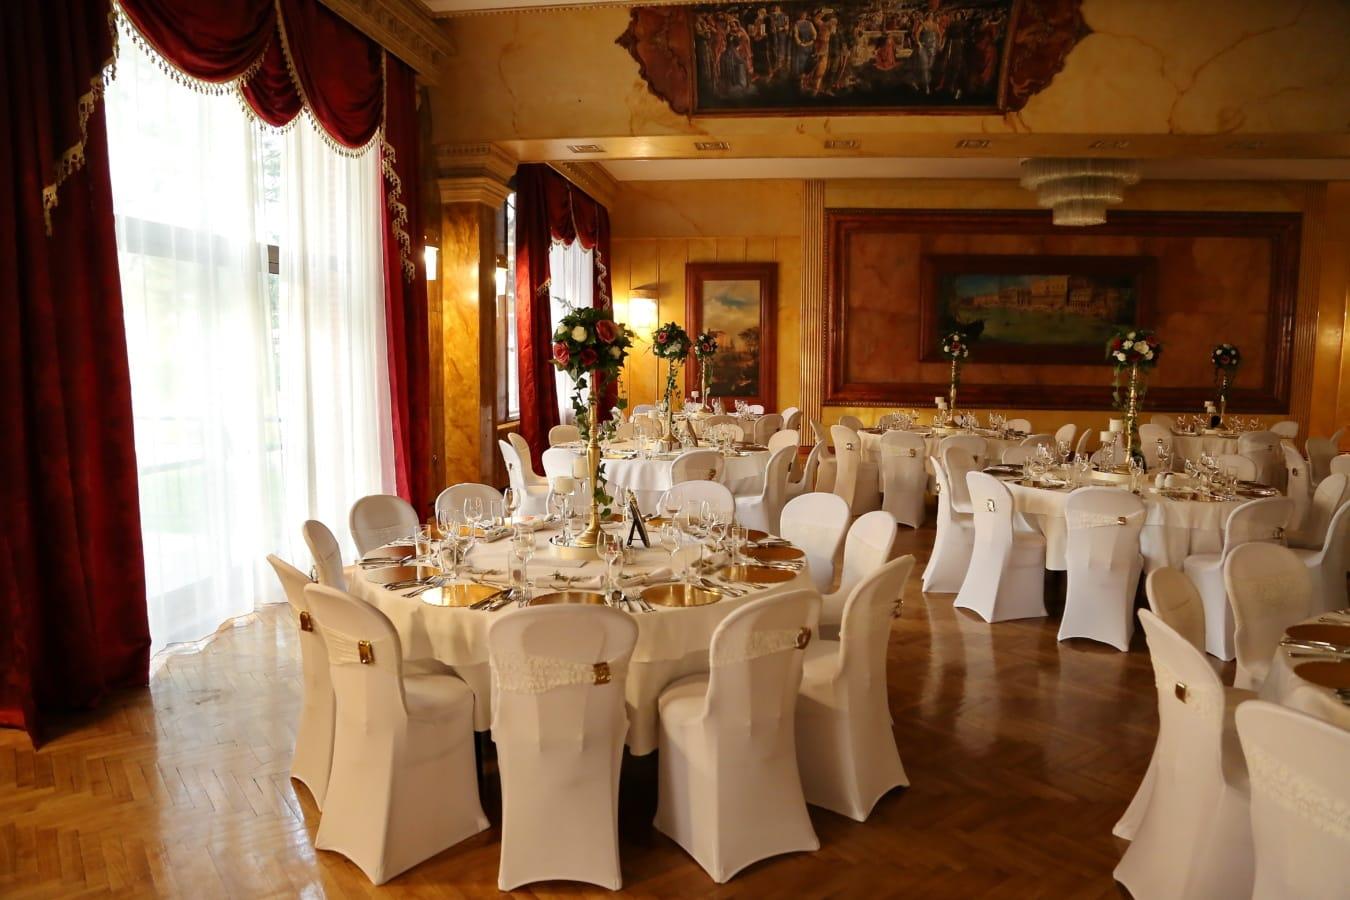 restaurant, fancy, dining area, lunchroom, luxury, elegant, furniture, indoors, room, interior design